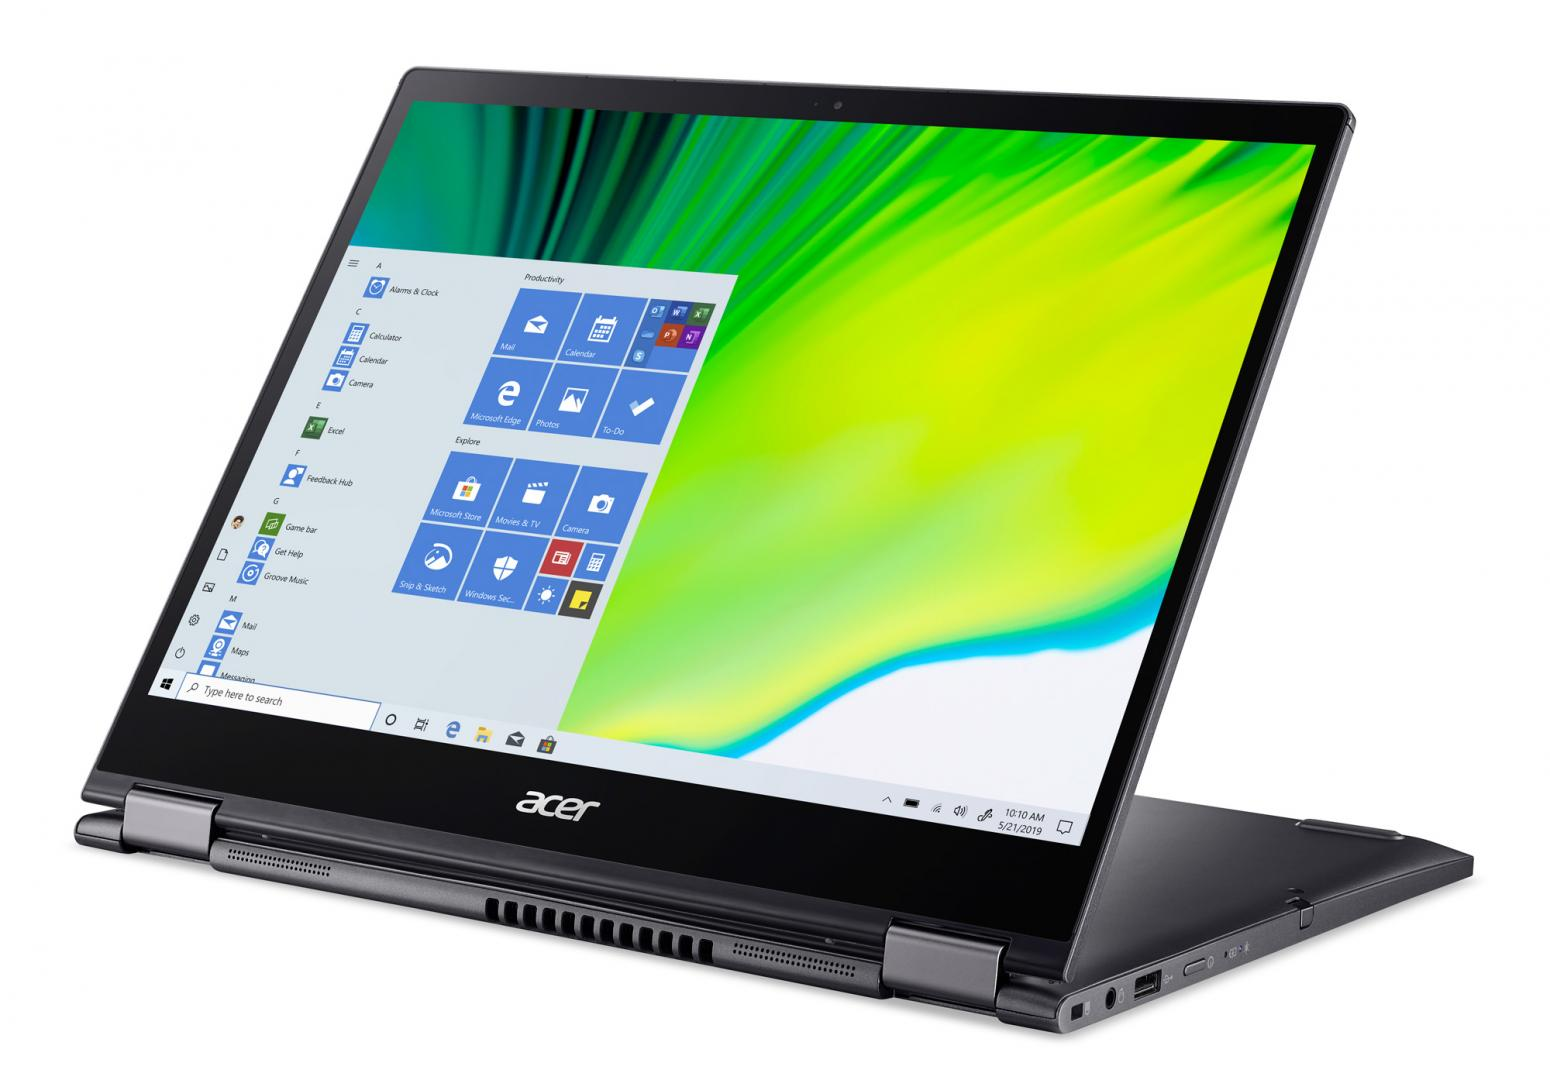 Ordinateur portable Acer Spin 5 SP513-54N-58VU Gris - QHD Tactile, Stylet - photo 6